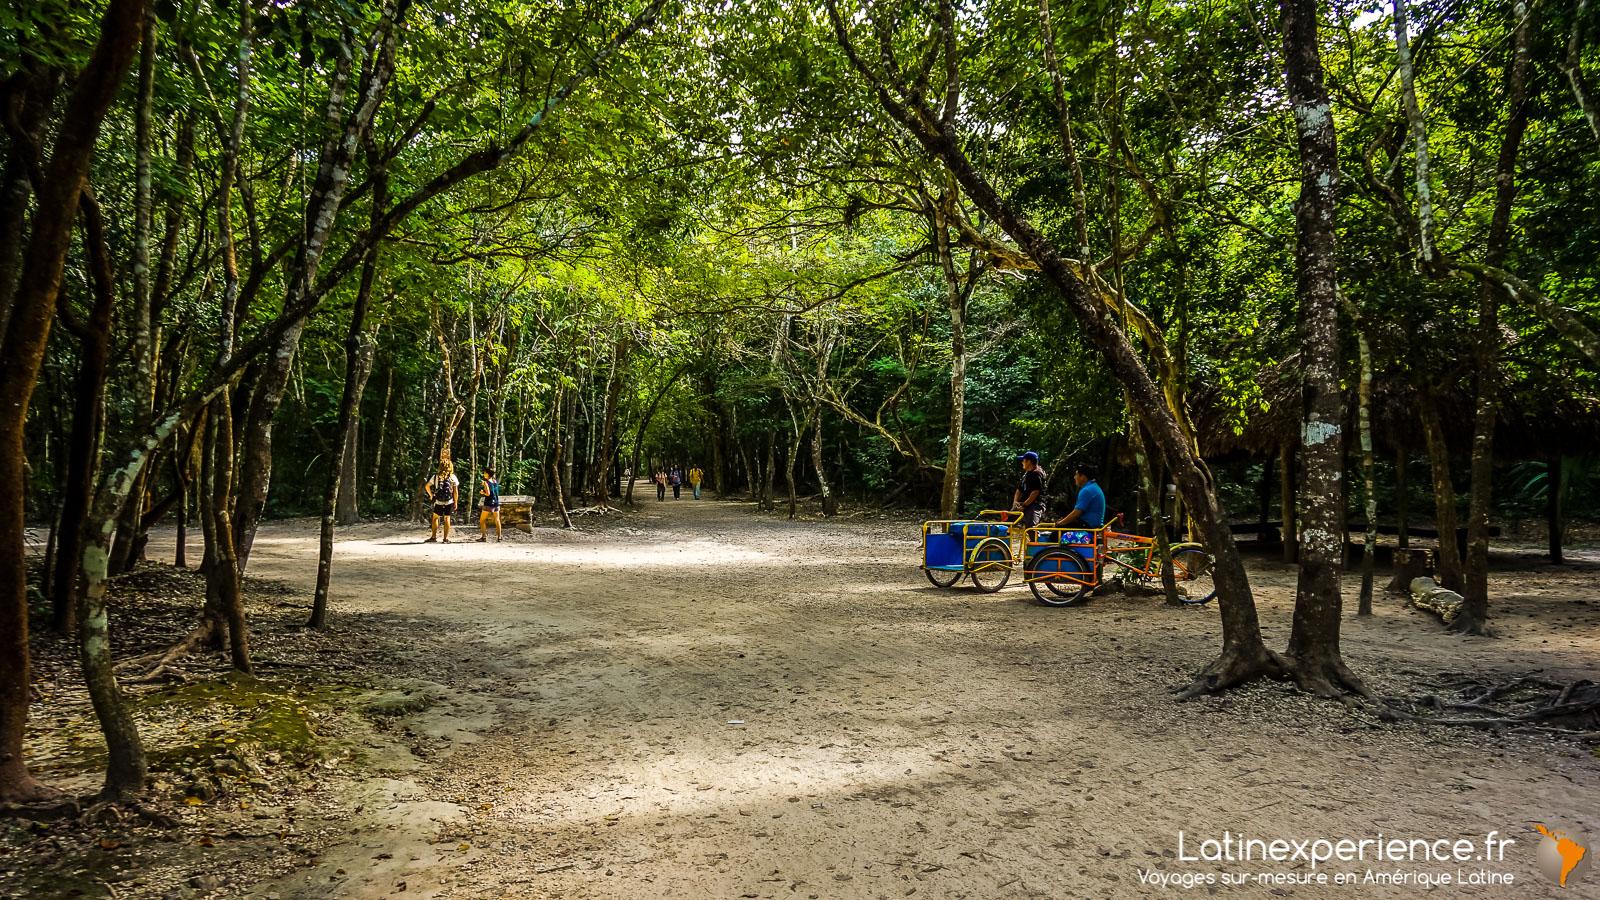 Mexique - entrée du site de Koba - Latinexperience voyages